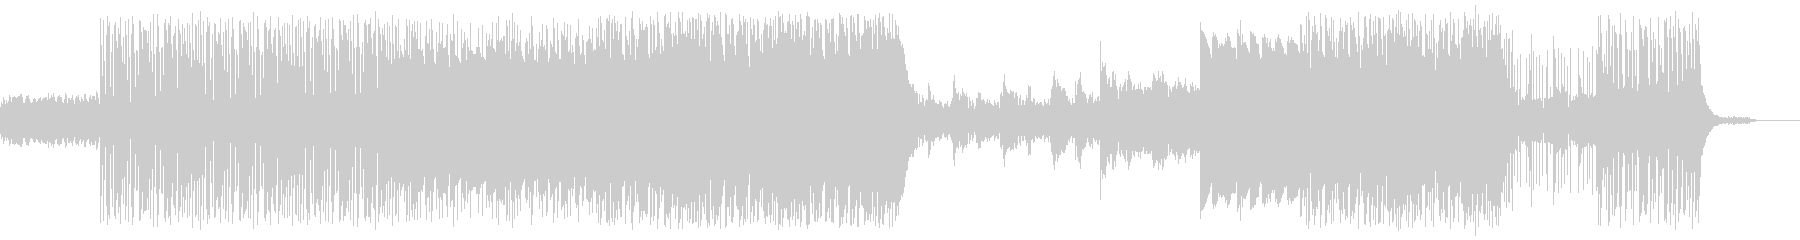 バックグラウンドサウンドトラックス...の未再生の波形